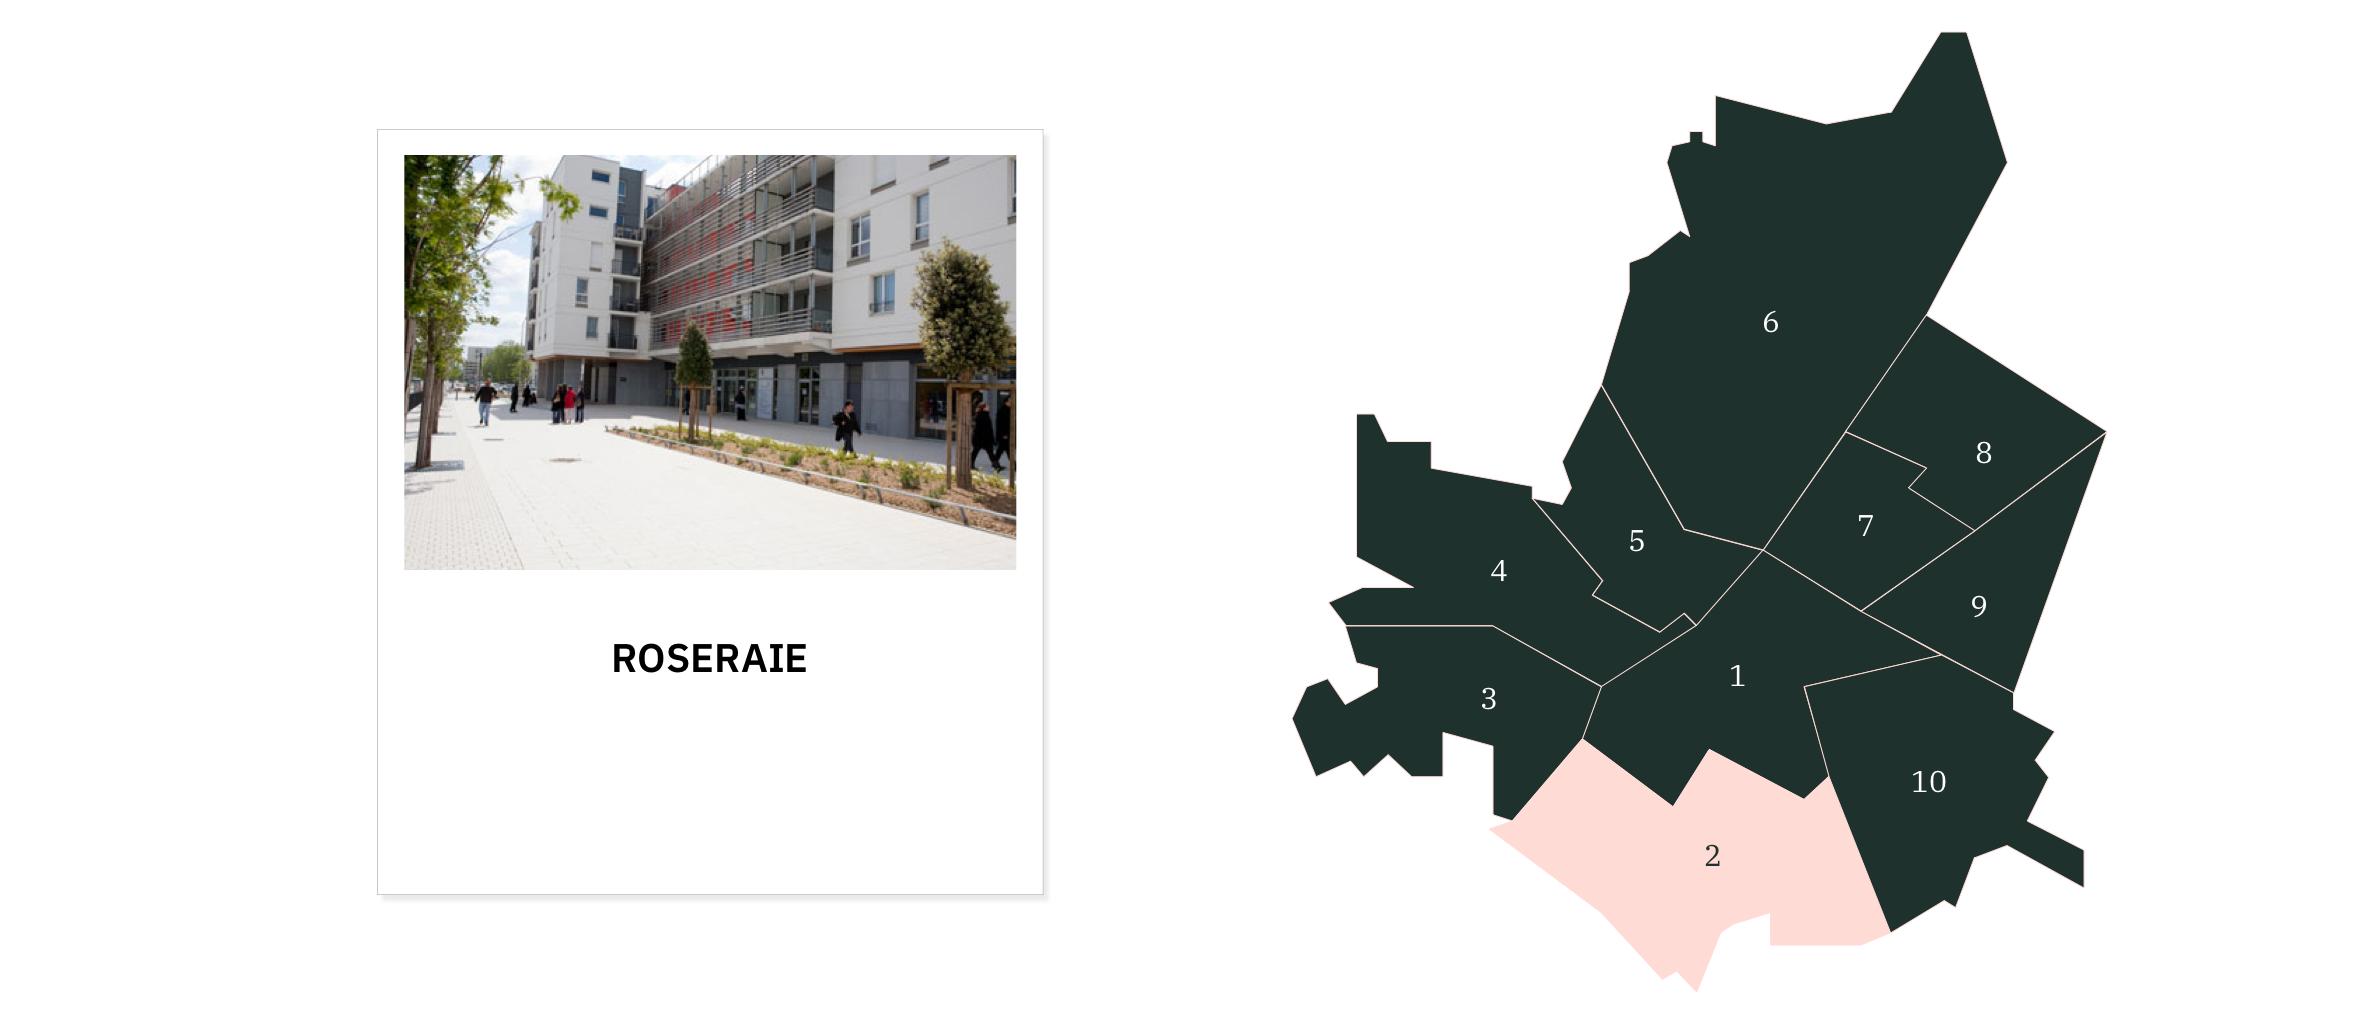 La Roseraie⎜Carte des quartiers d'Angers